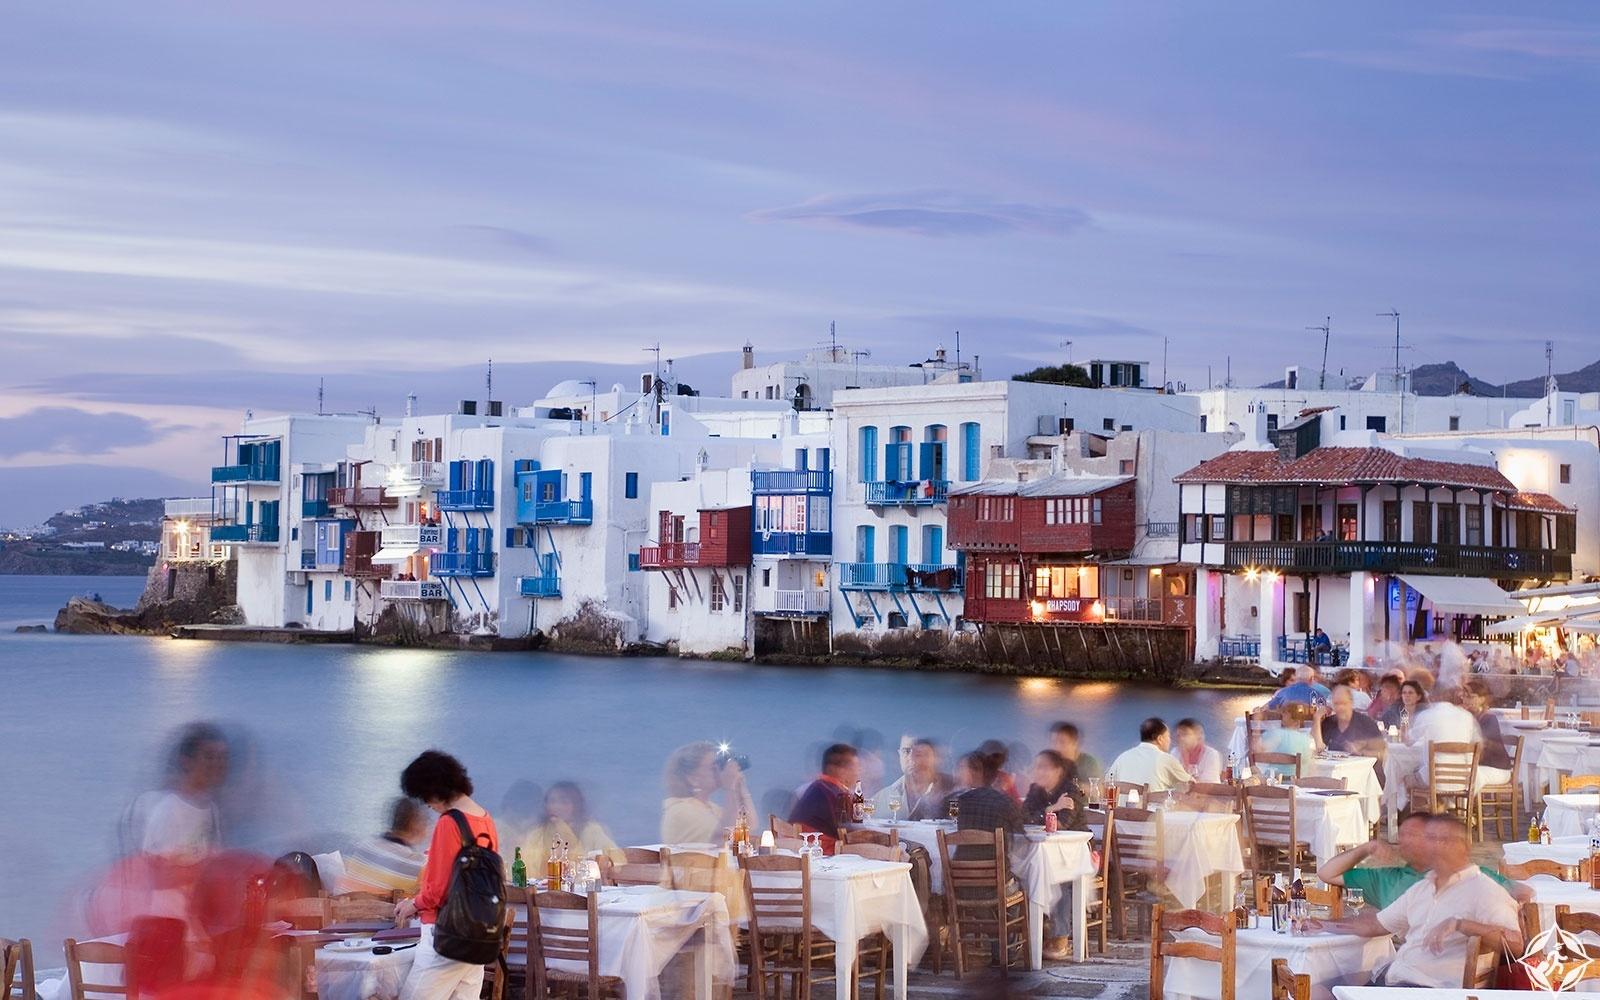 الحديث بالانجليزية في اليونان